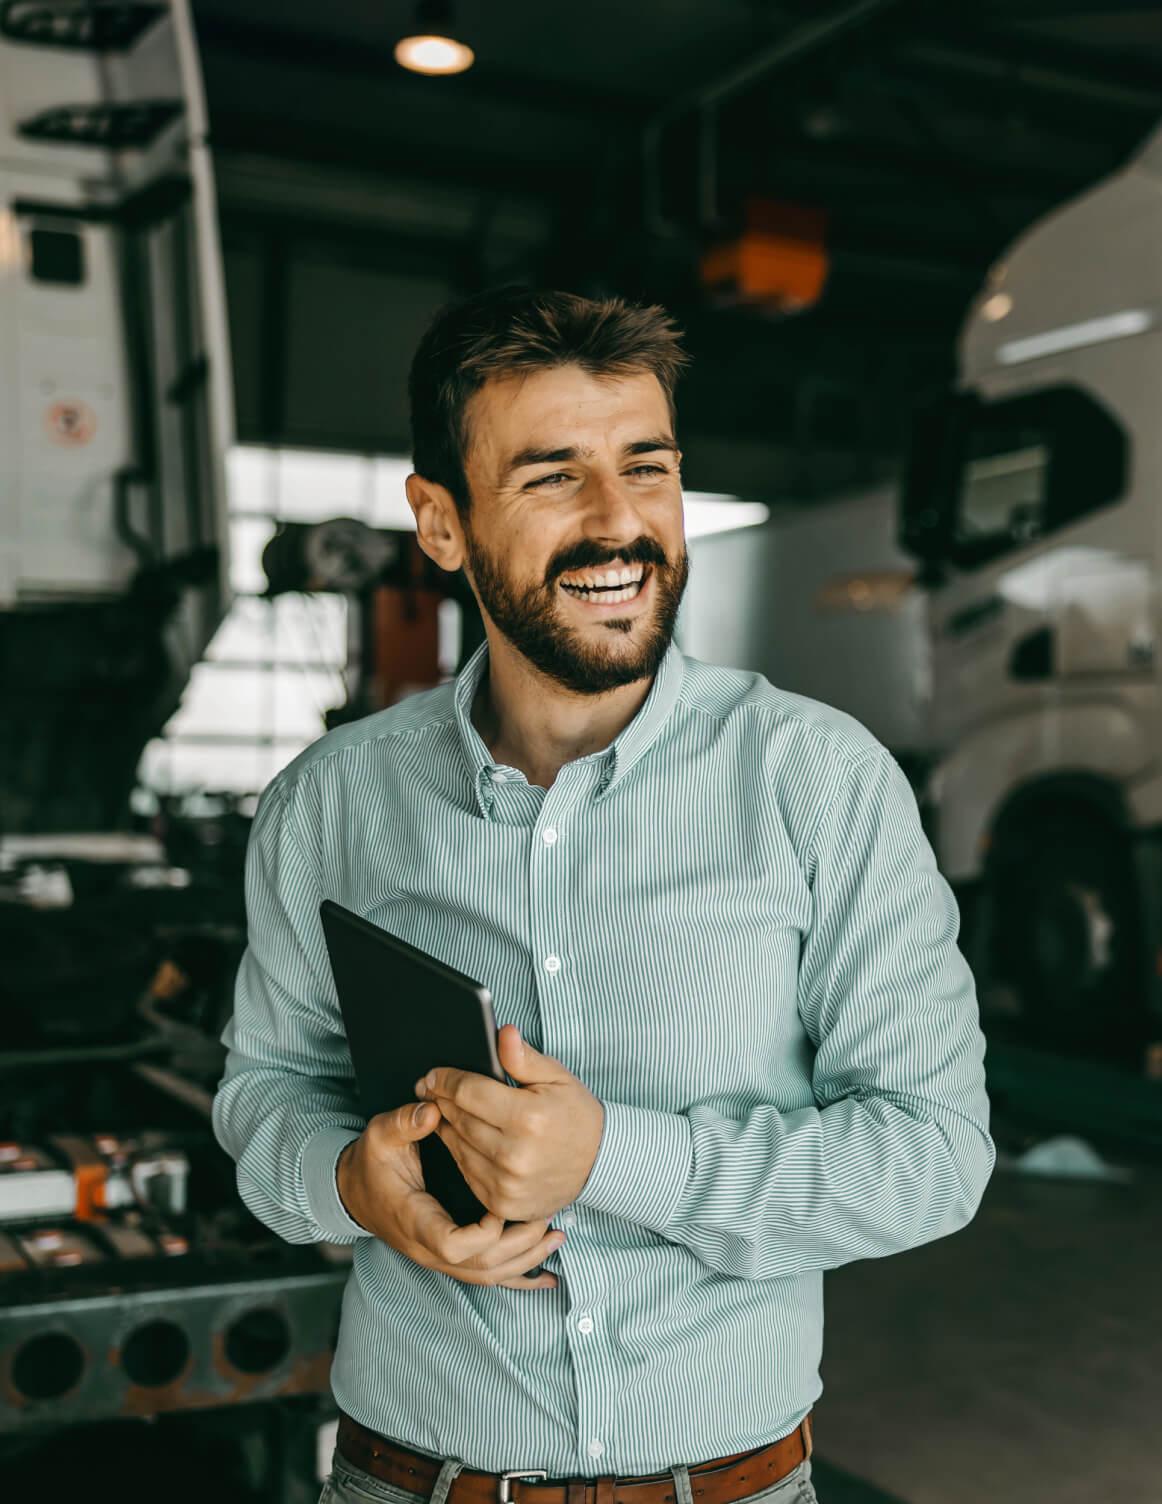 personne souriant et tenant un iPad dans un hangar à véhicule